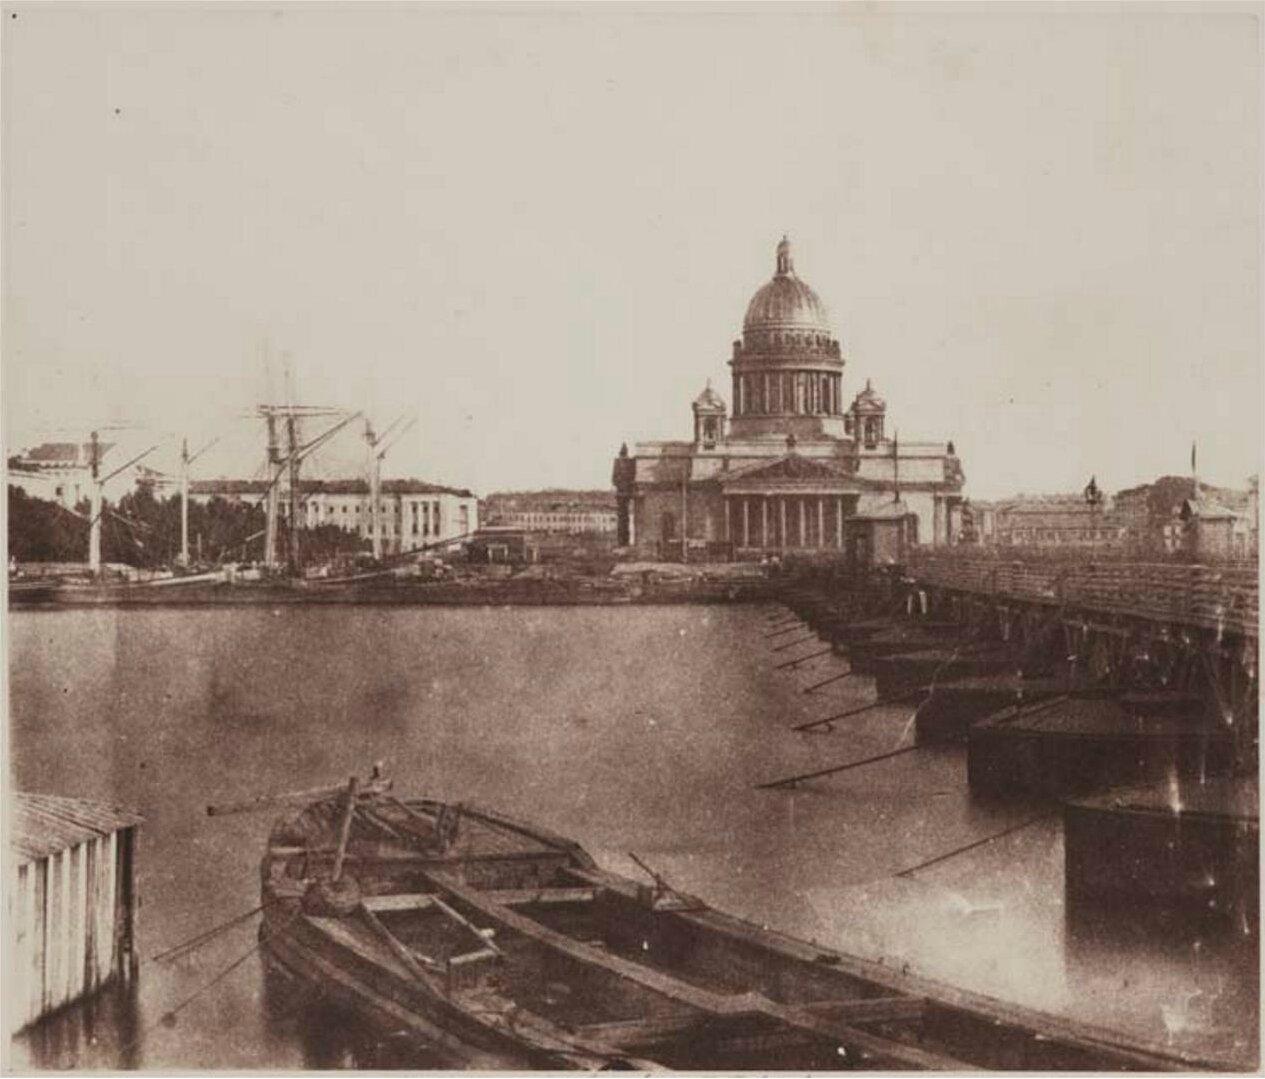 1852. Исаакиевский собор Санкт-Петербурга